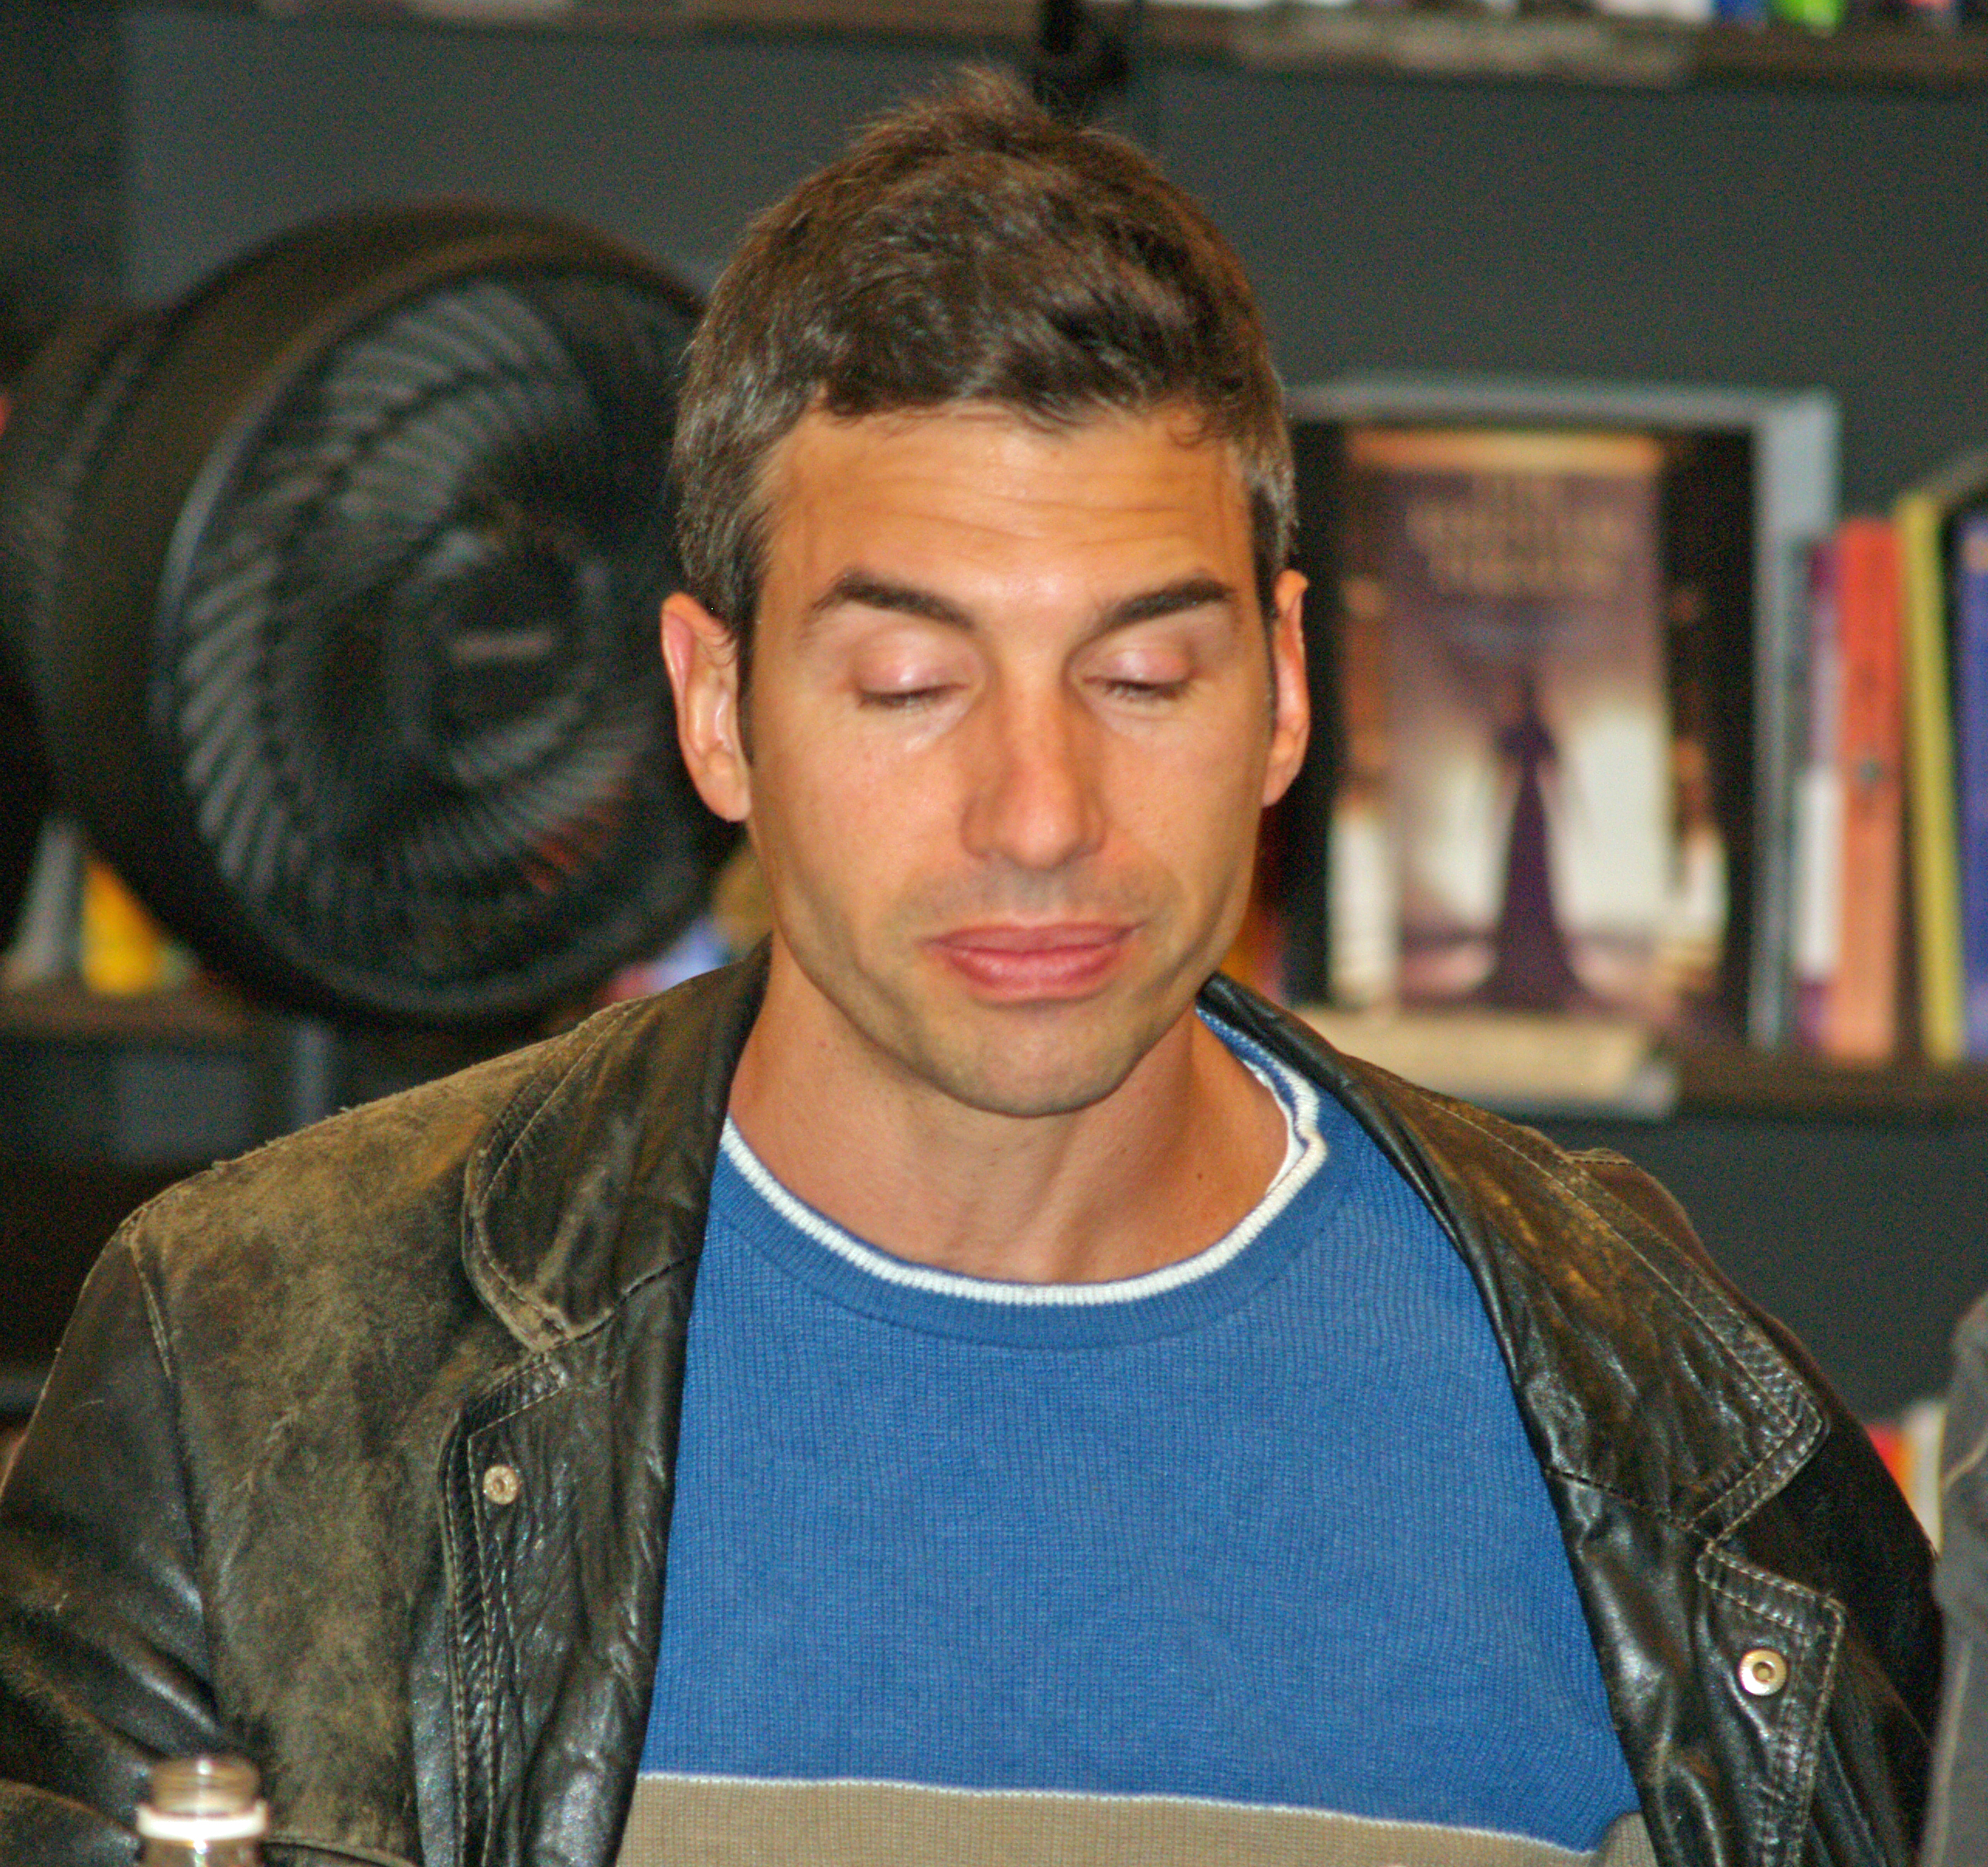 Paul Dinello